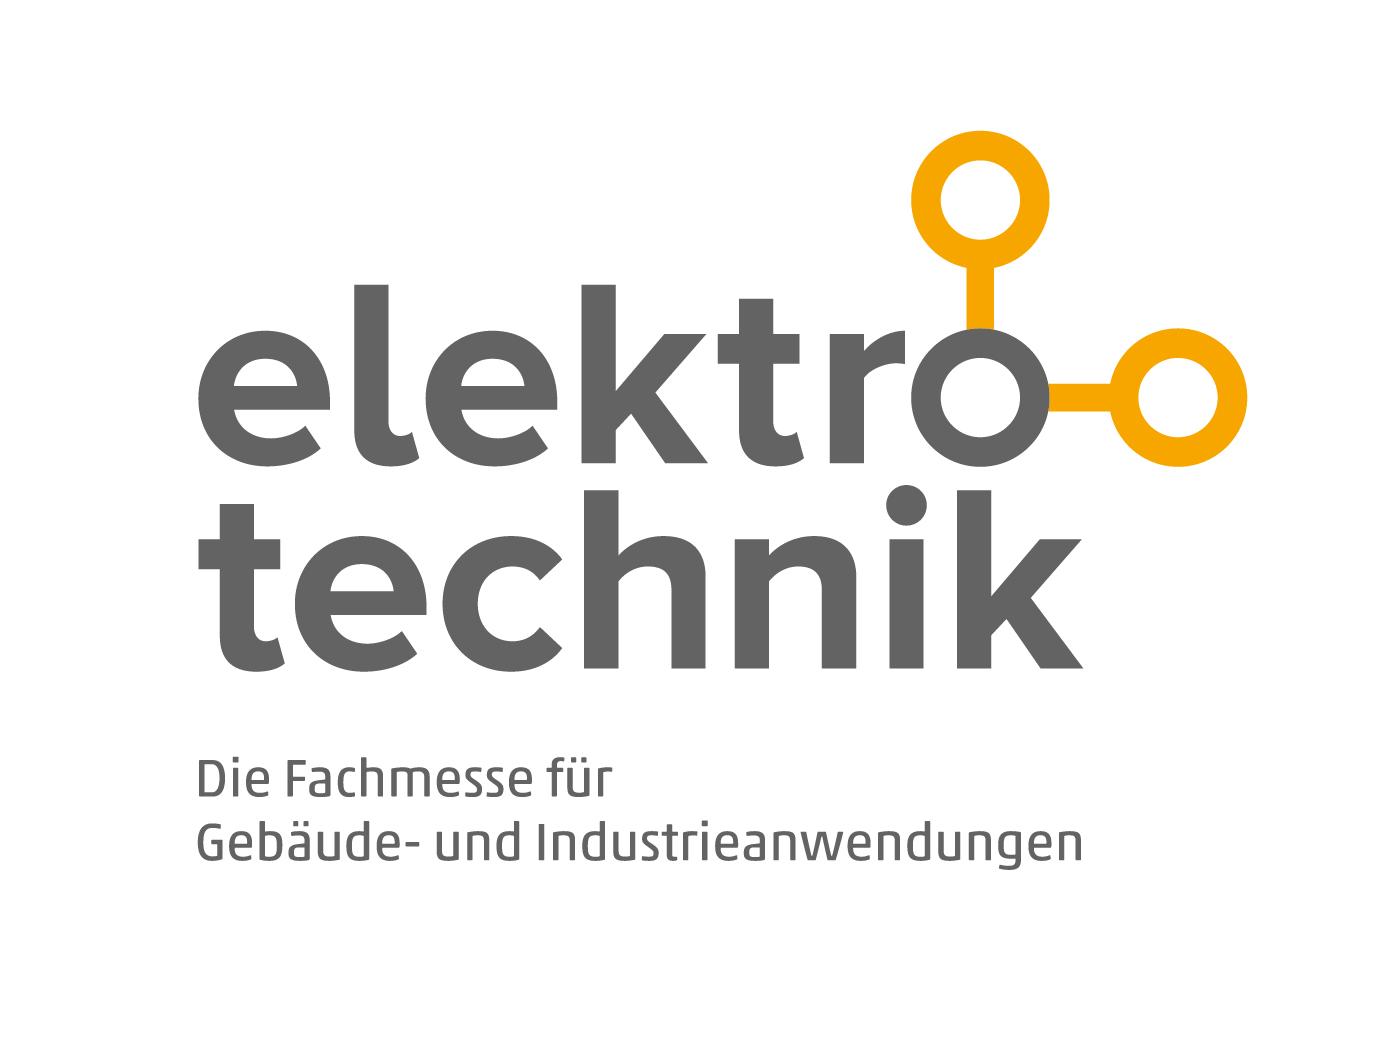 Elektrotechnik 2017: Präsentation wichtiger Branchenthemen